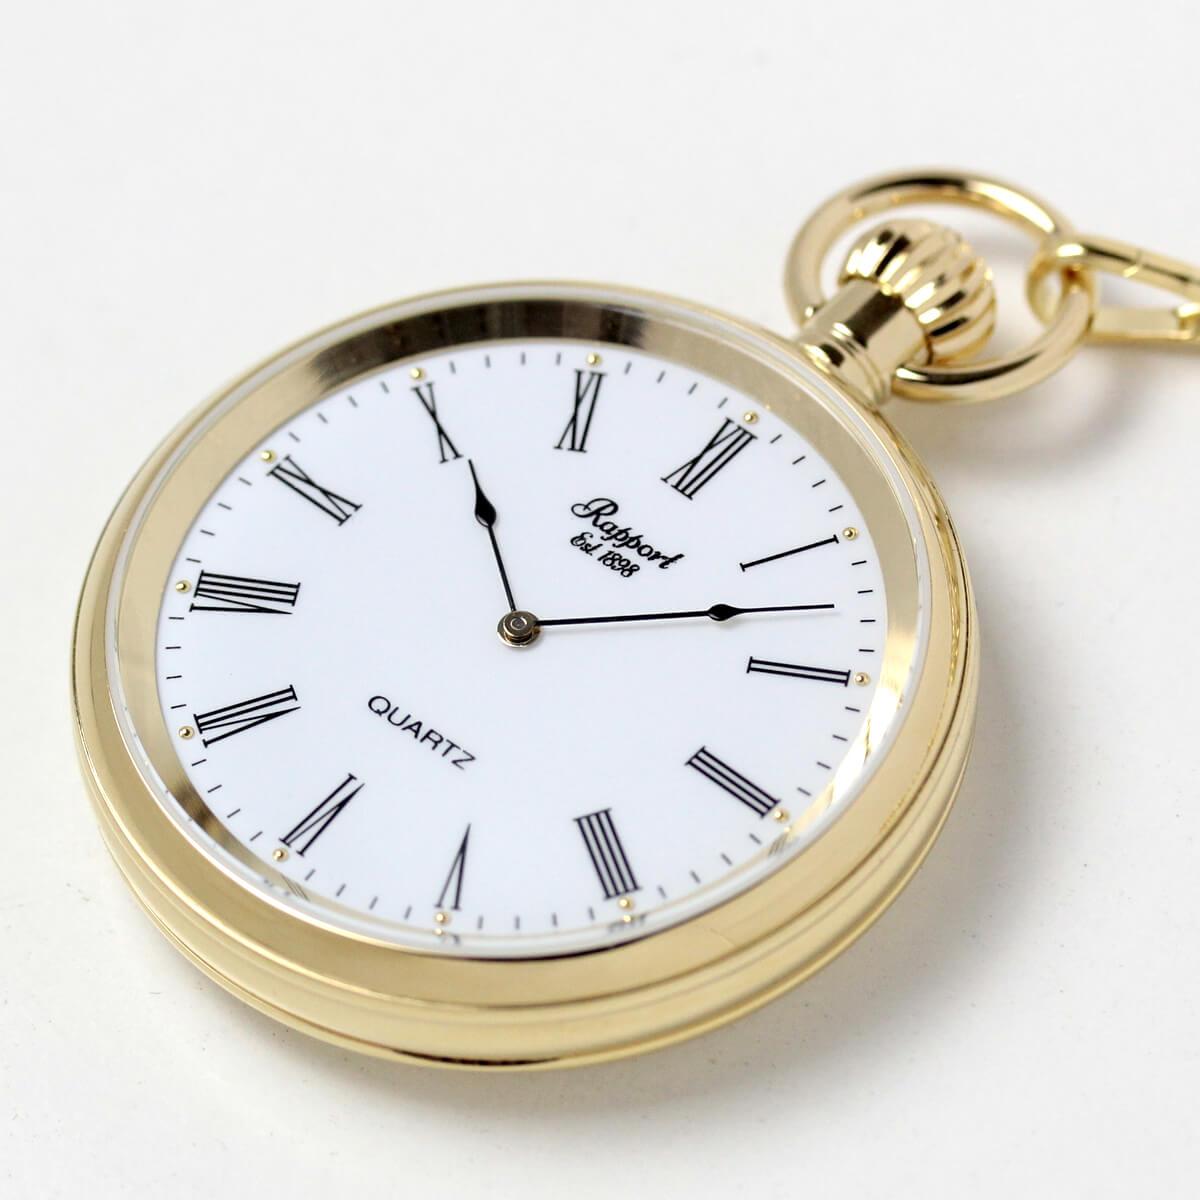 イギリスブランド rapport(ラポート) 懐中時計 pw38 手に乗せたイメージ